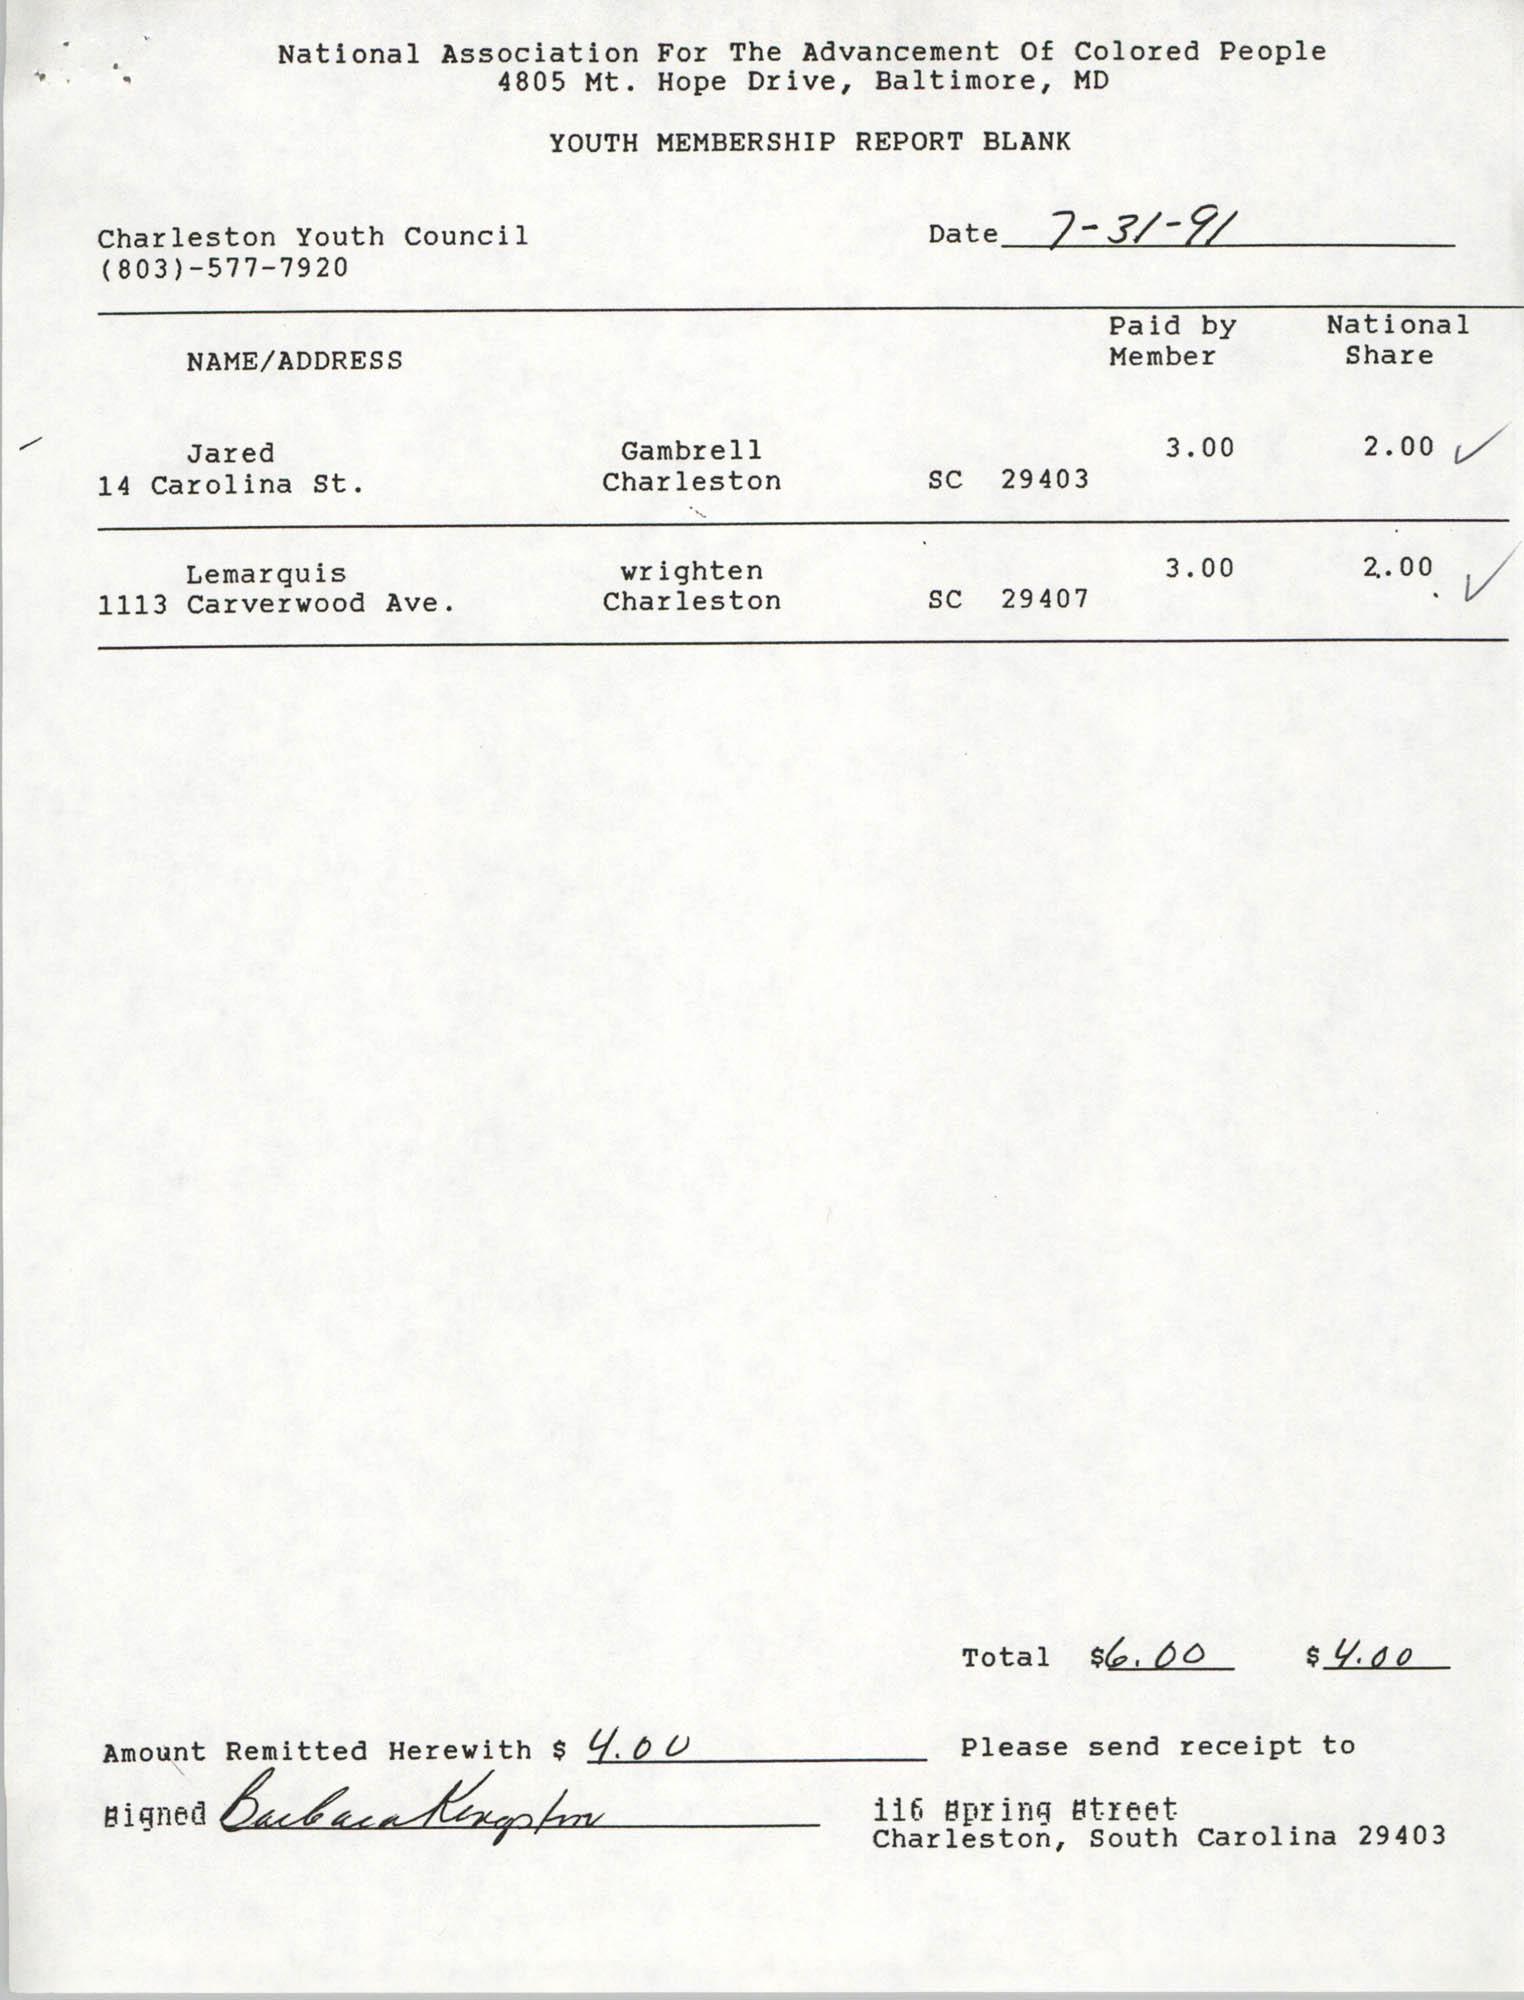 Youth Membership Report Blank, Charleston Youth Council, NAACP, Barbara Kingston, July 31, 1991